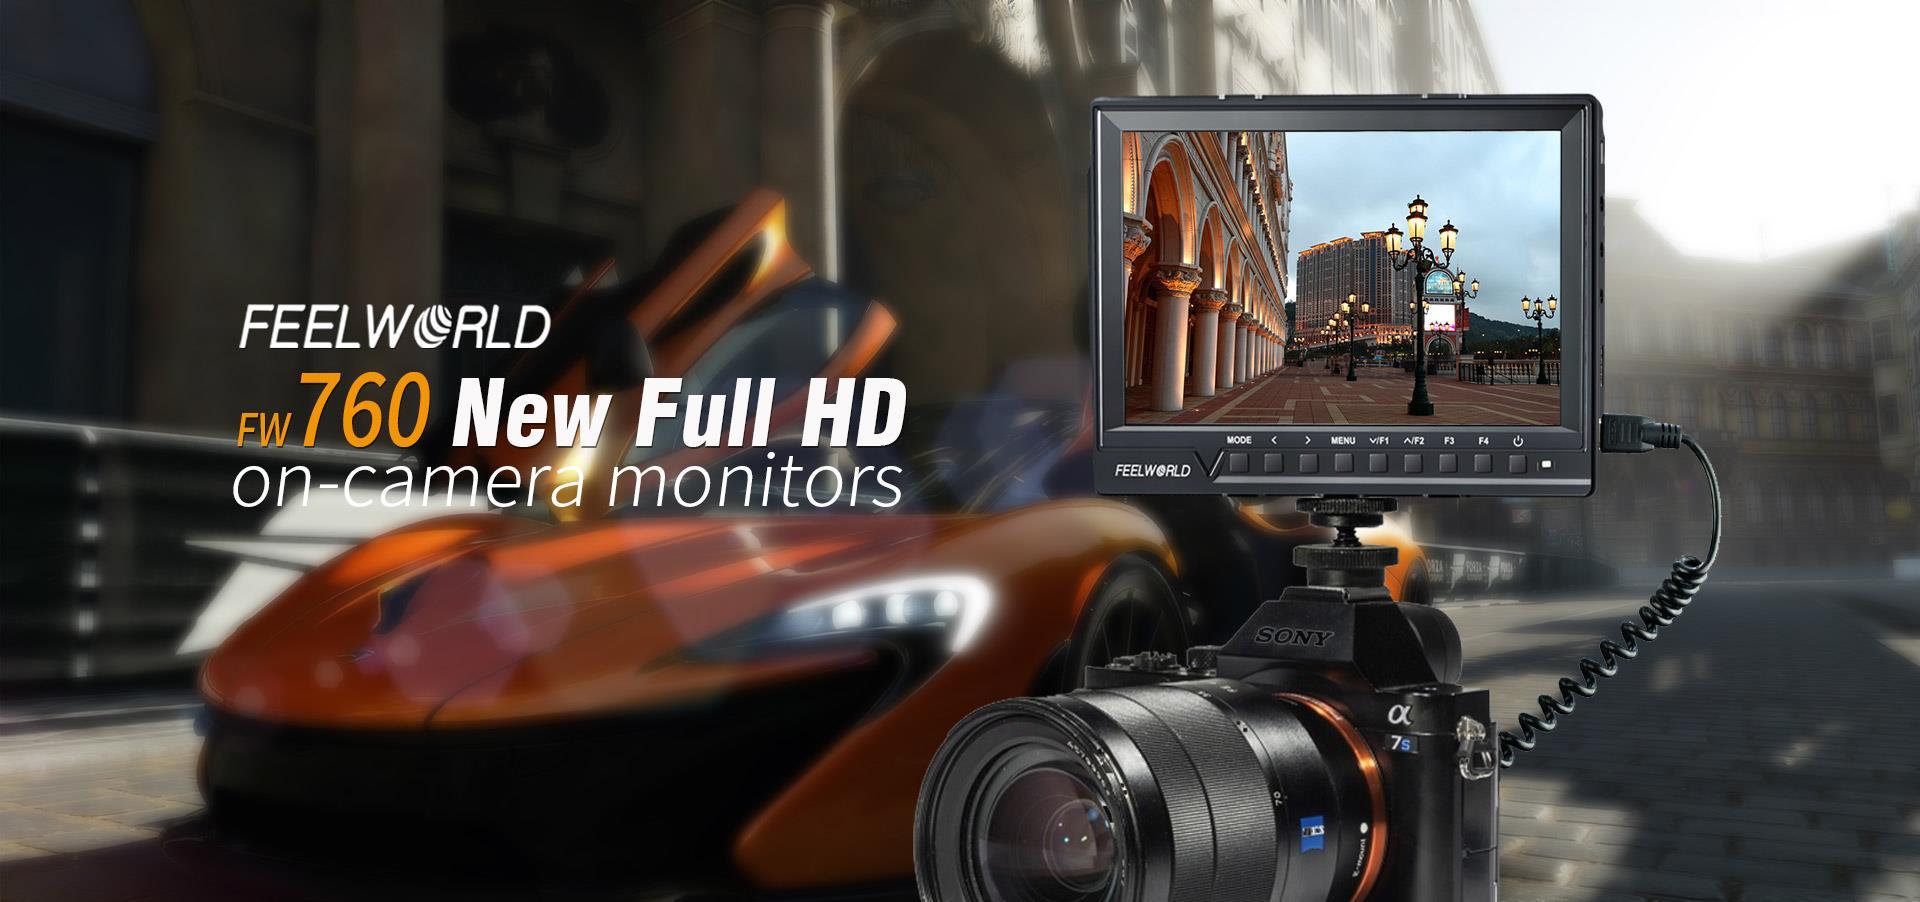 ถูก FW760 7นิ้วจอแสดงผลข้อมูลที่มีP Eakingช่วยโฟกัสHistogramม้าลายการสัมผัสFeelworld Full HD IPS DSLRกล้องด้านบนจอภาพ